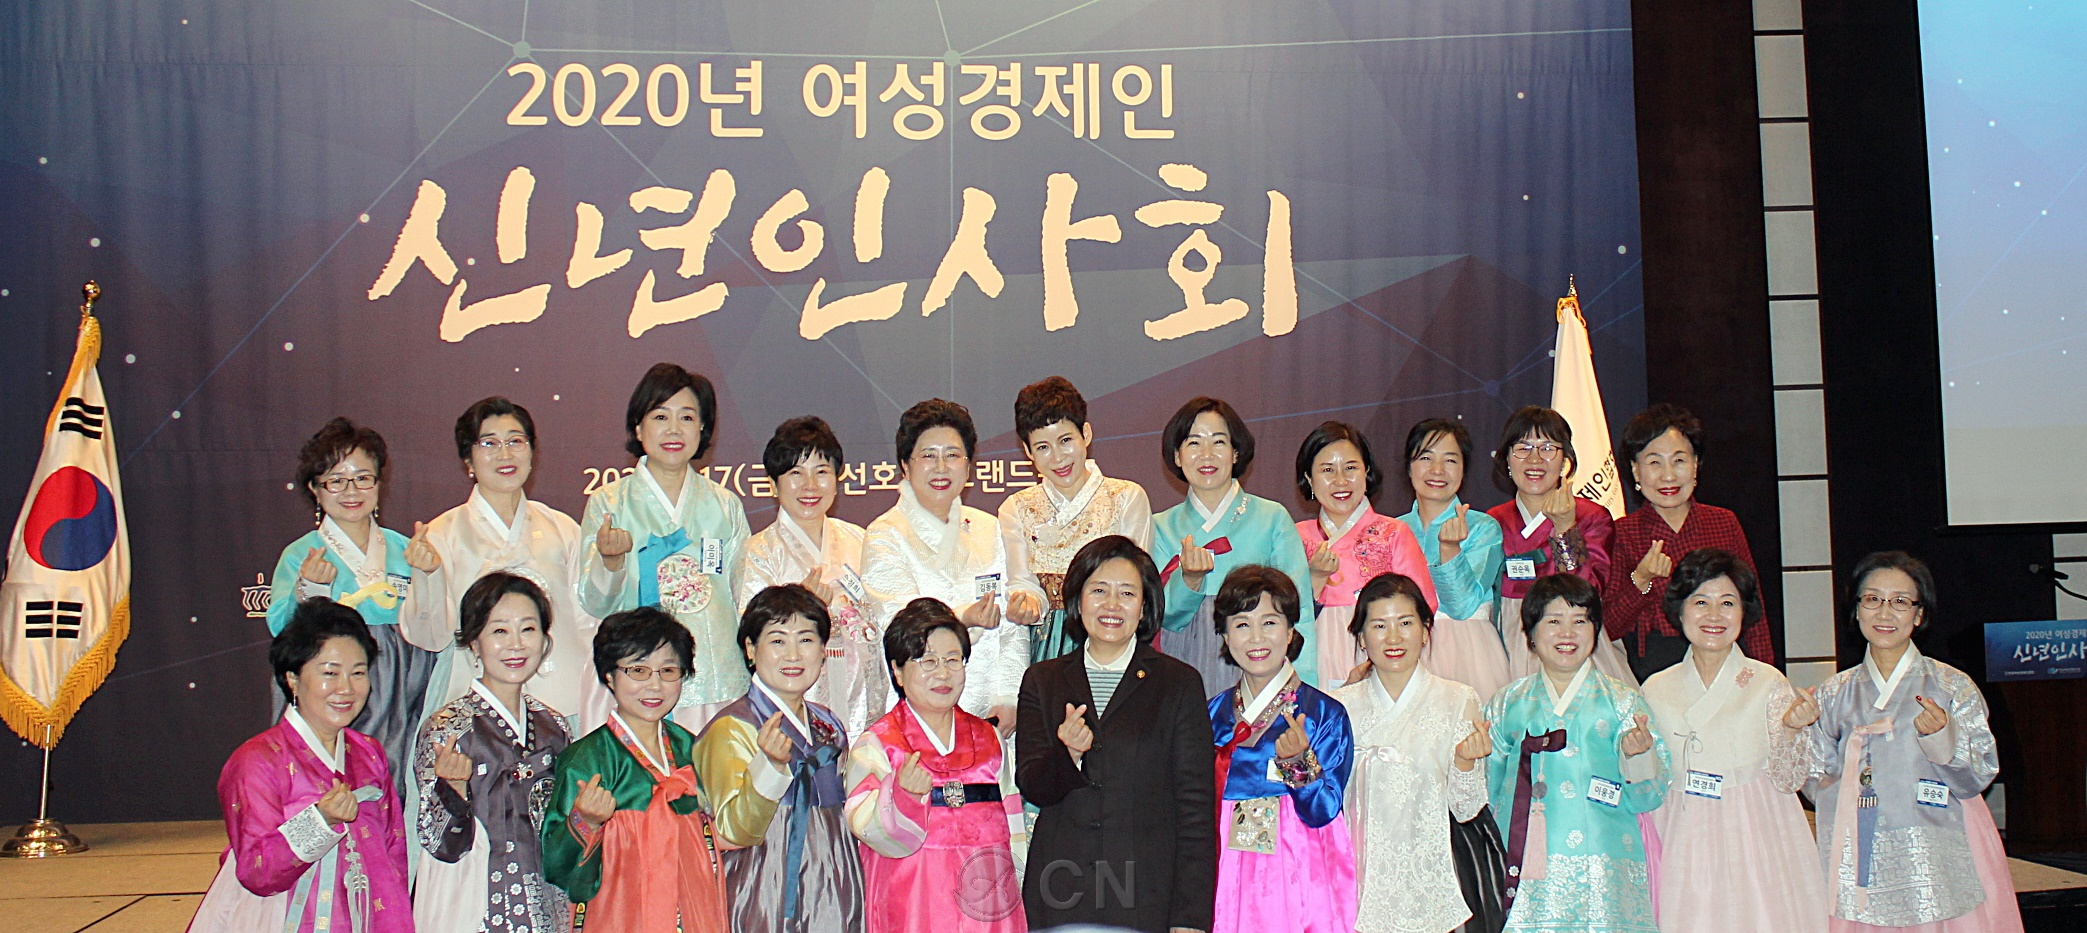 [현장 포토] 2020 여성 경제인 신년 인사회